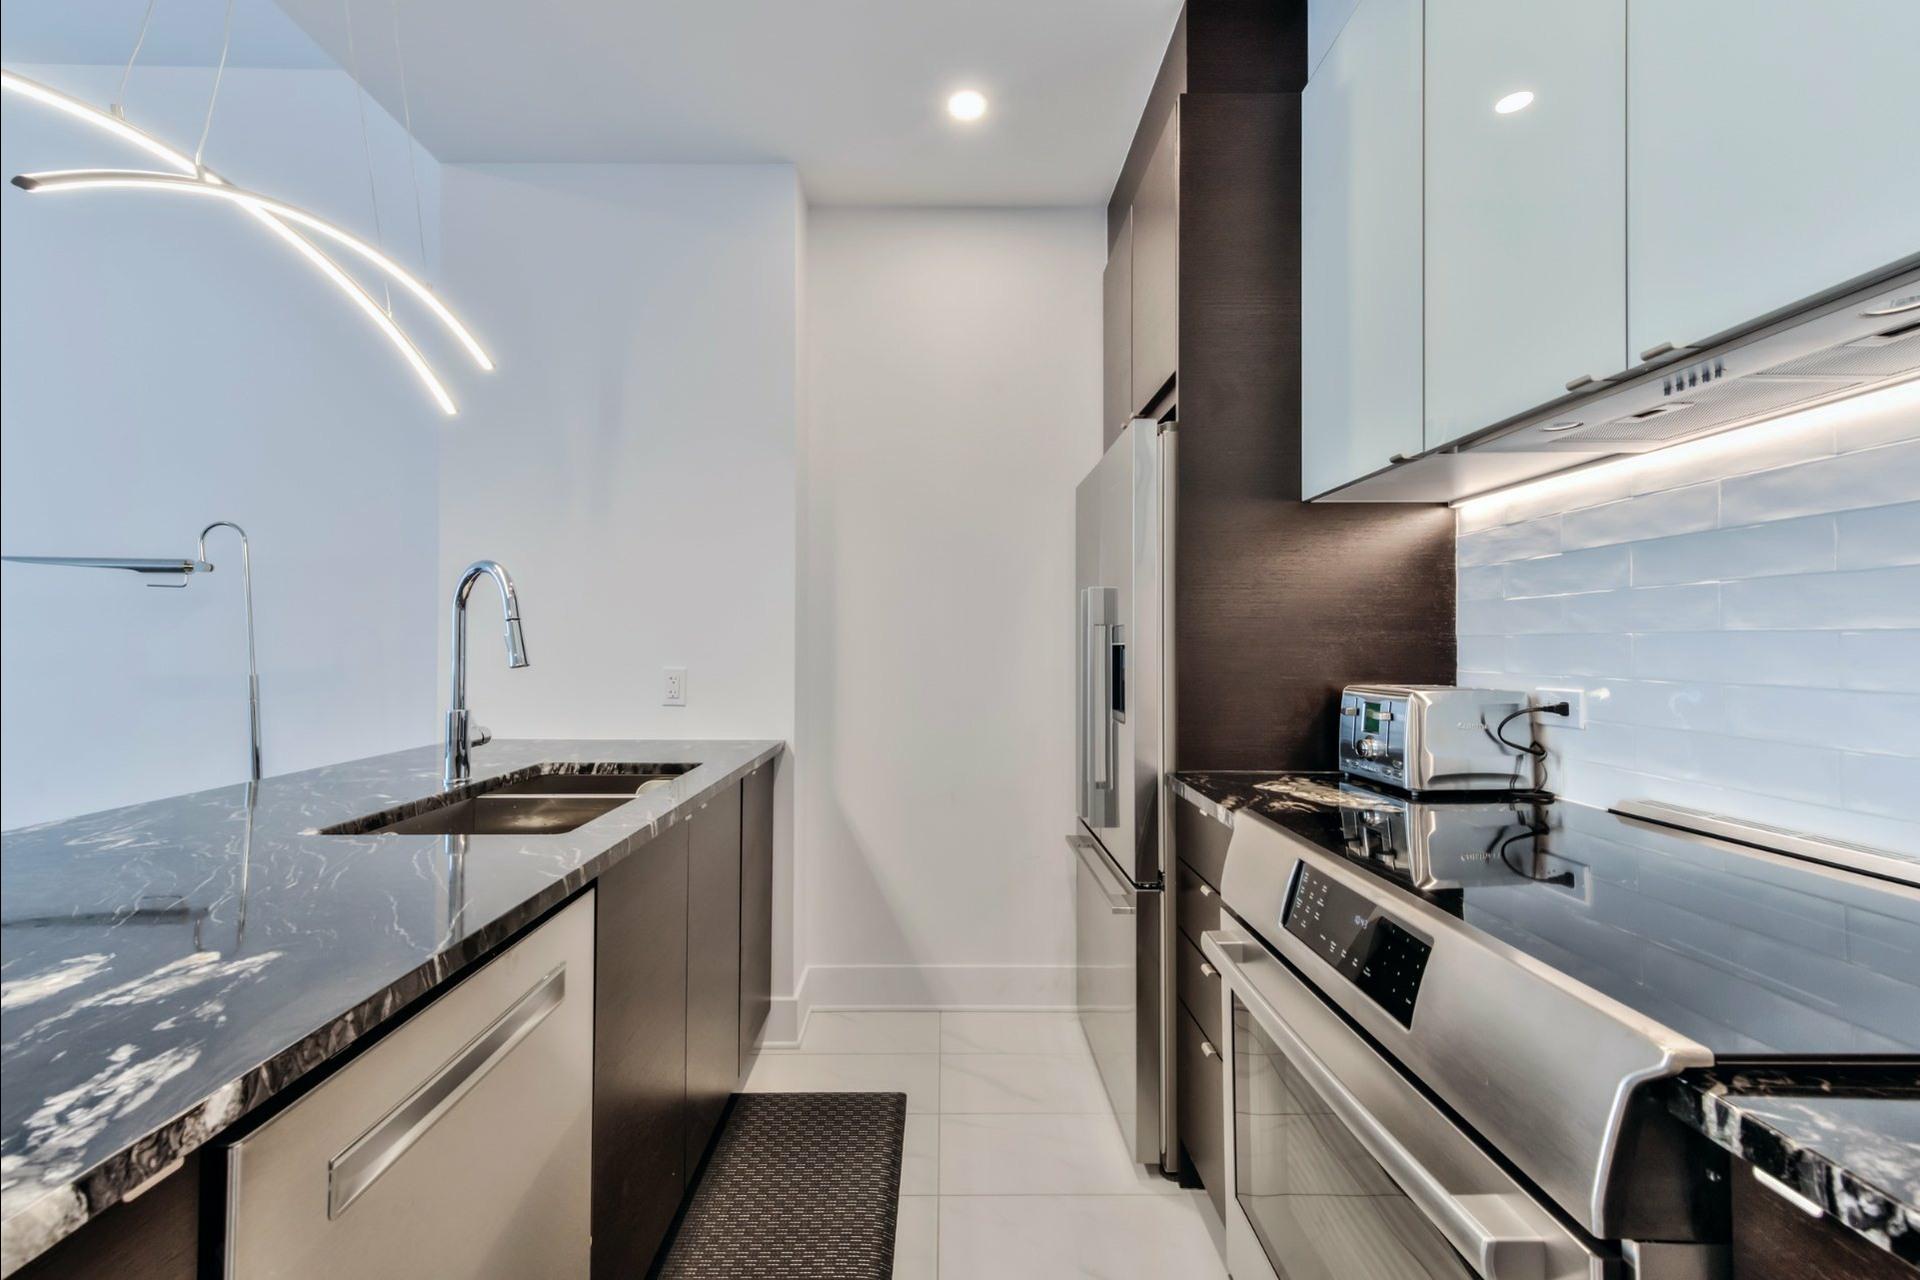 image 8 - 公寓 出售 Côte-des-Neiges/Notre-Dame-de-Grâce Montréal  - 4 室